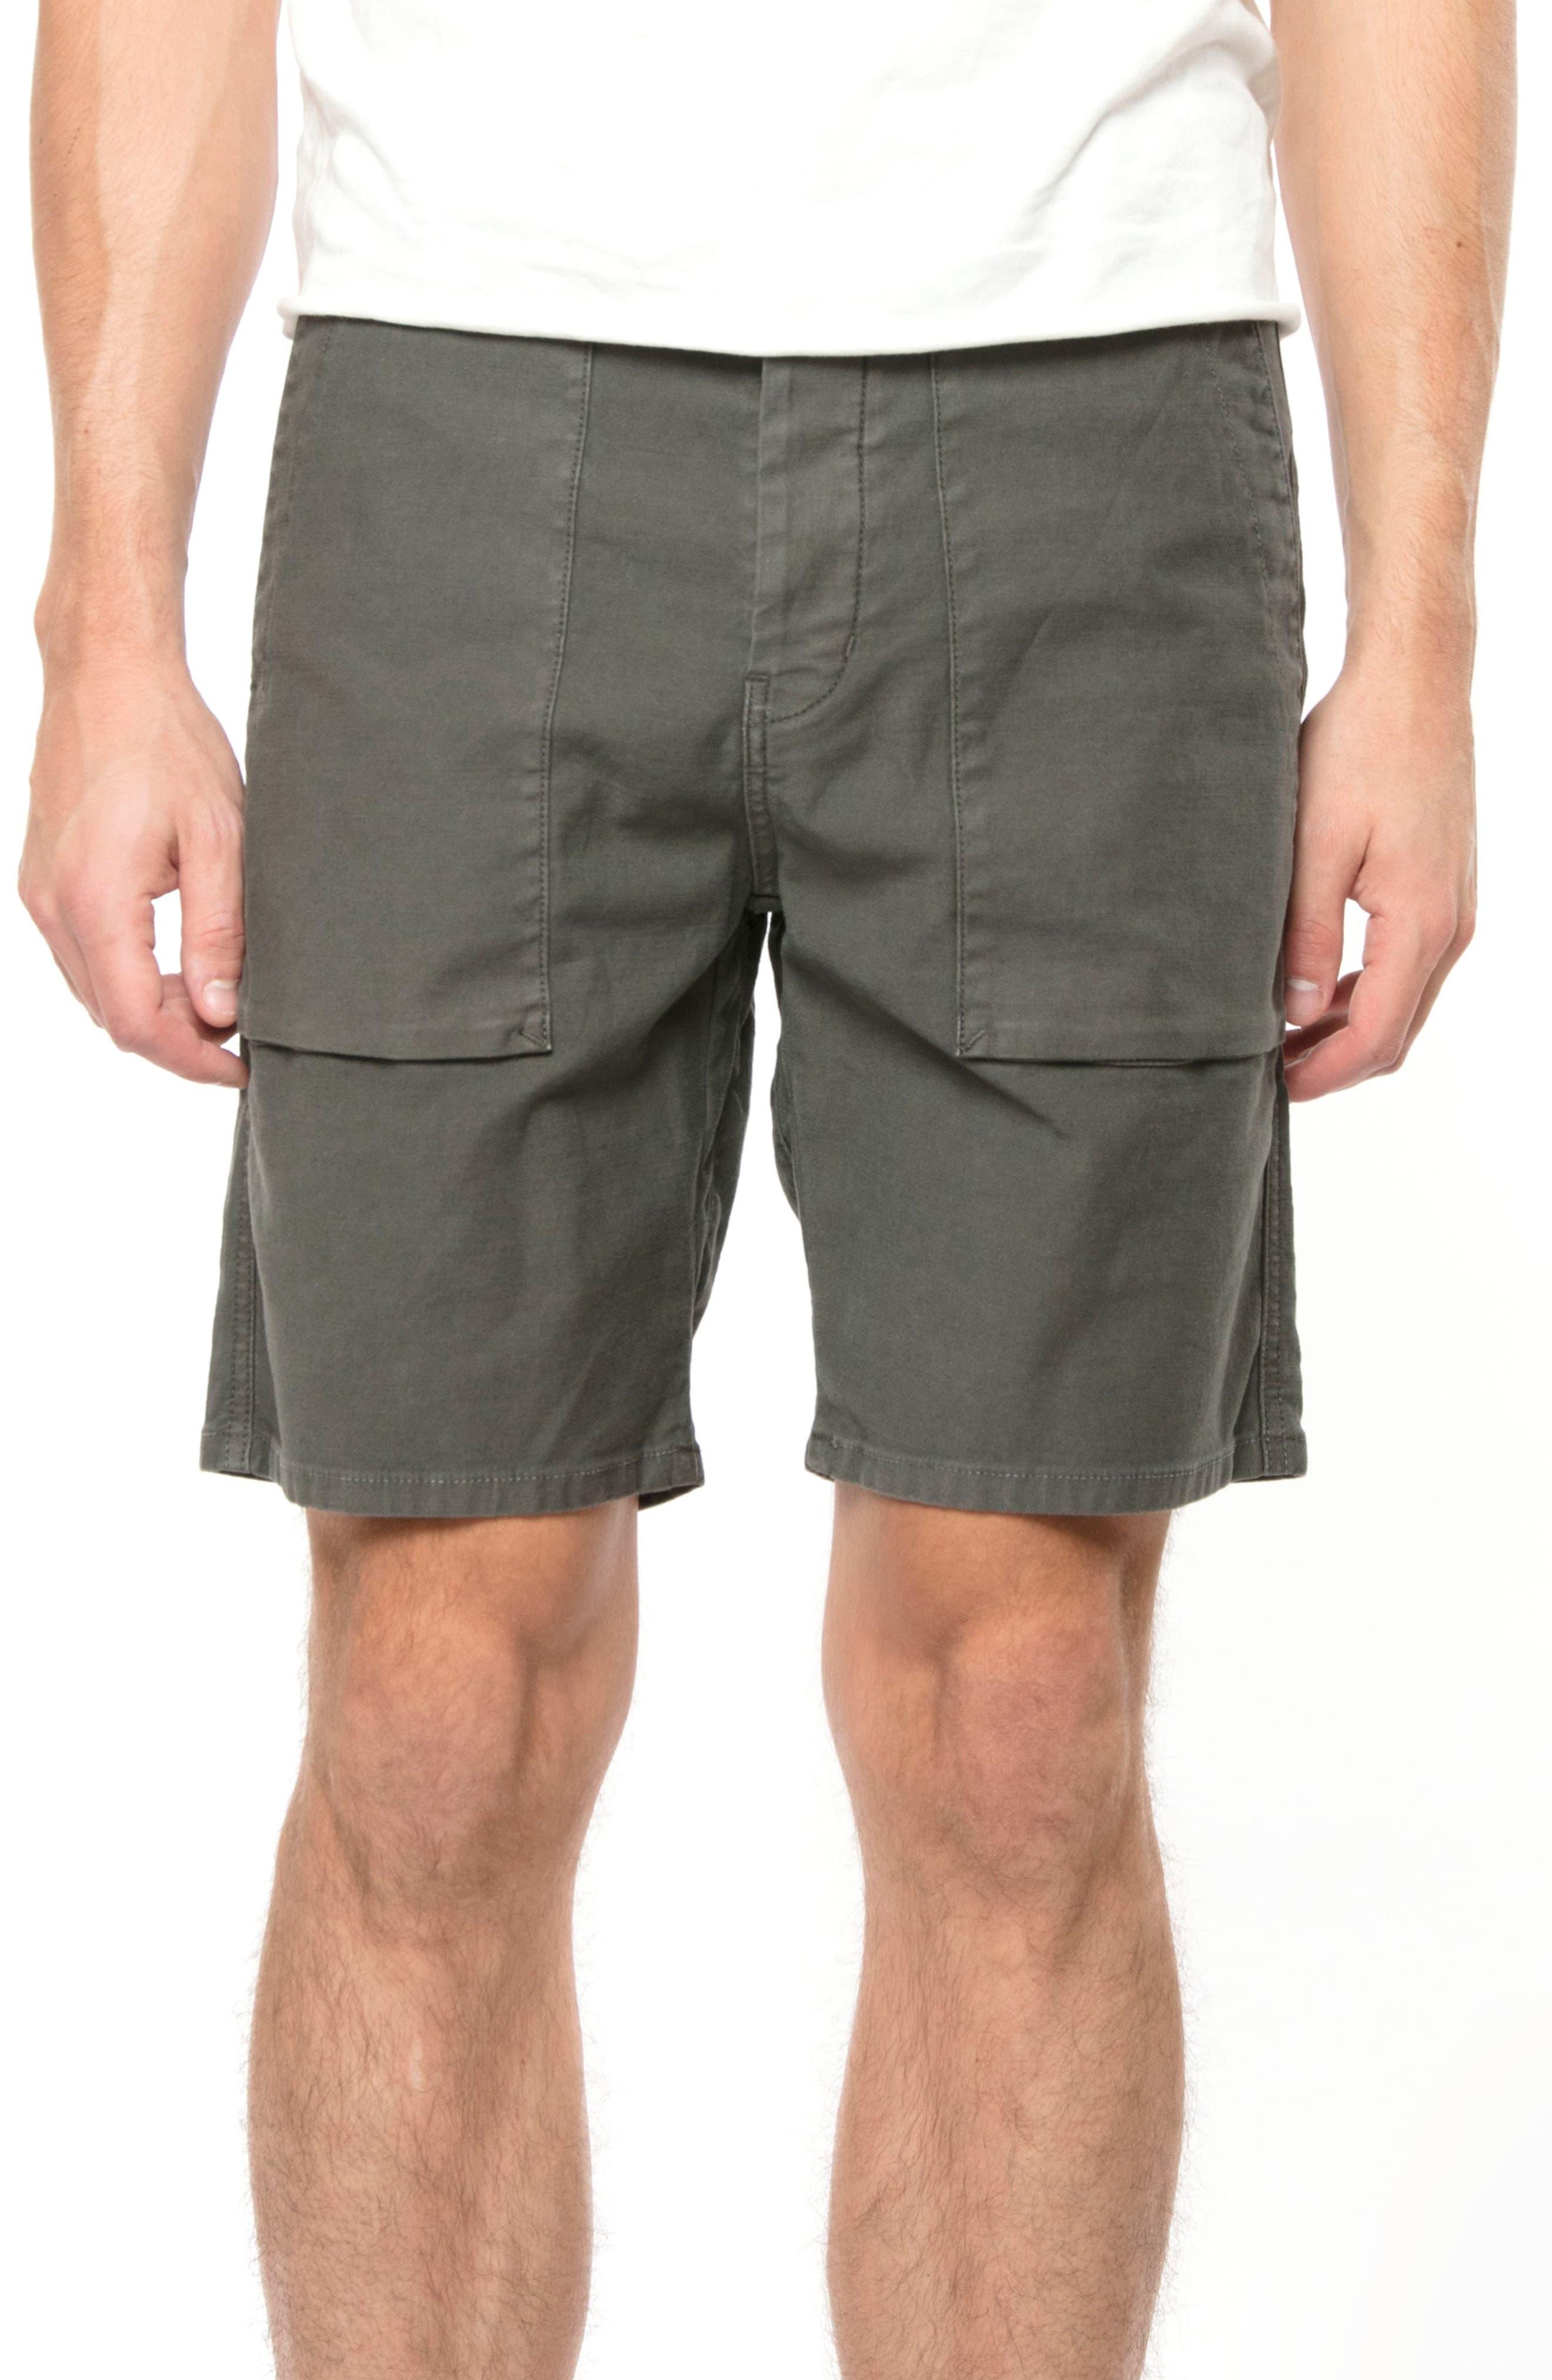 Kontact Shorts,                             Main thumbnail 1, color,                             308